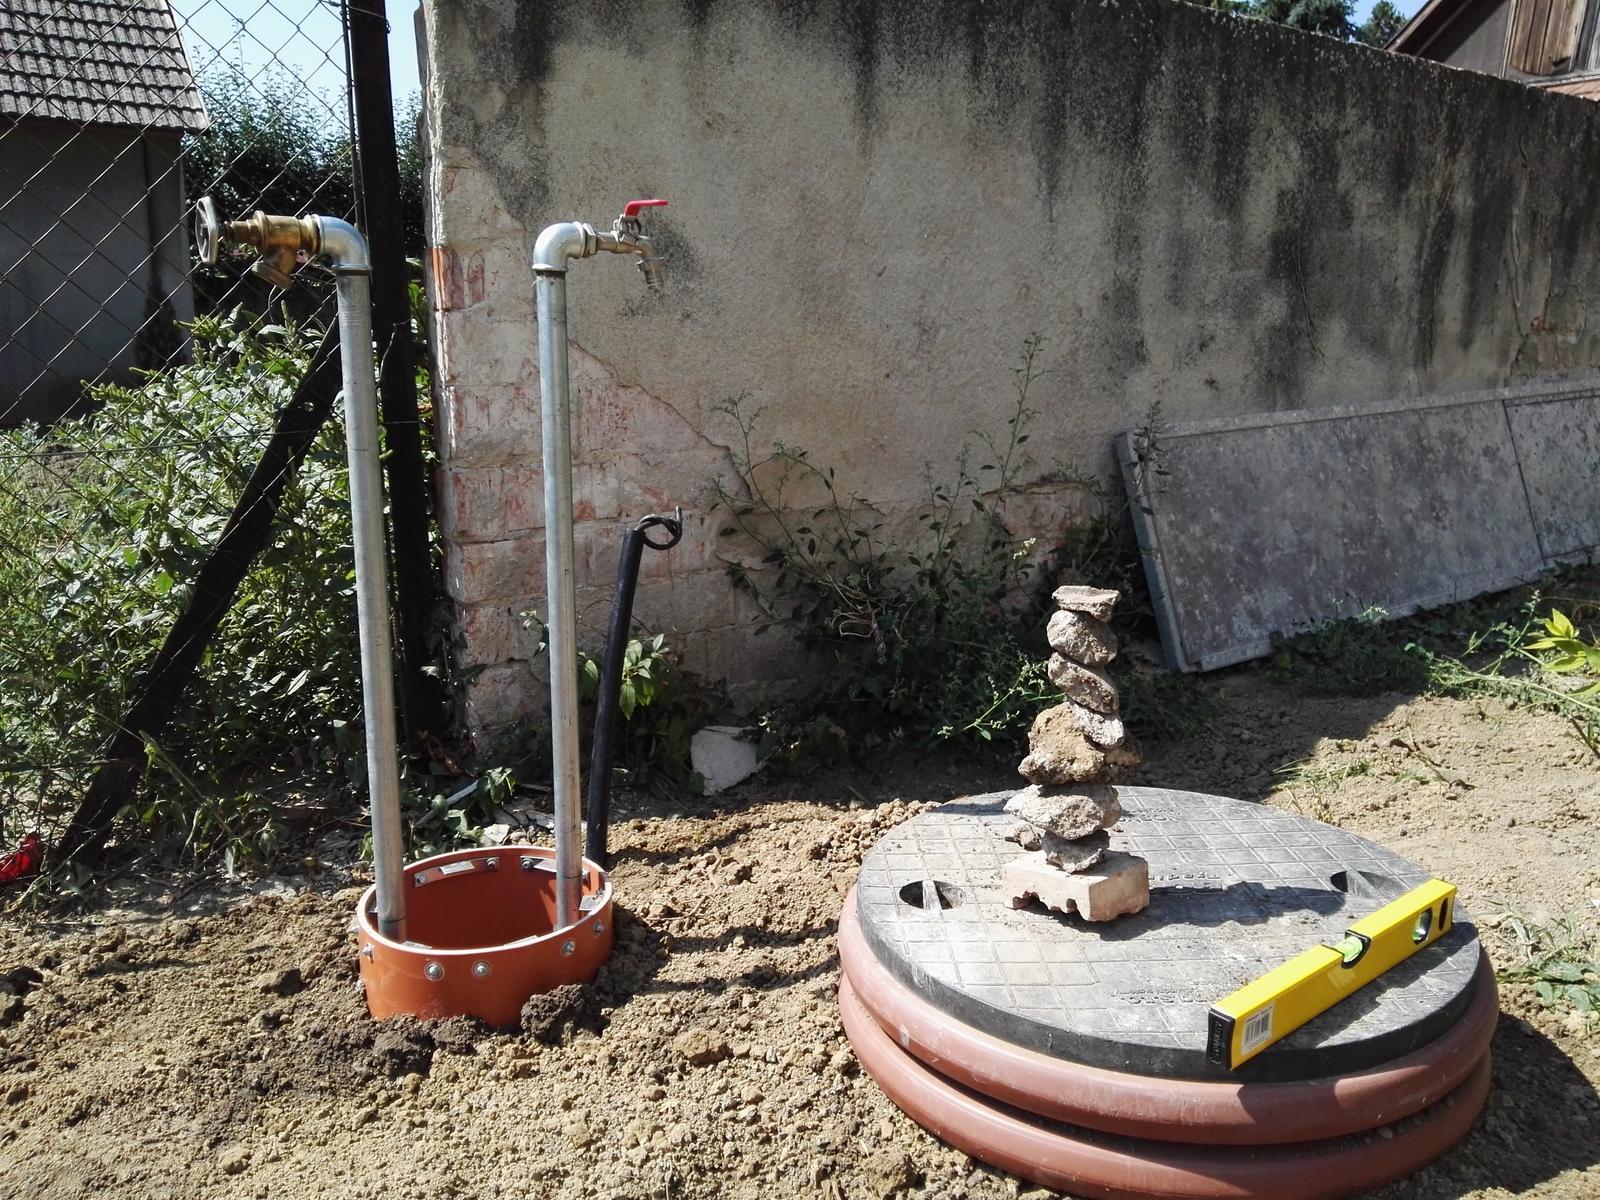 Rekonstrukcia RD - Osadená šachta na vodu, jedna na studňu, jedna s mestskou vodou. Ked tu vidím tie premakané zahony a skalky, tak som narychlo zbúchal aj ja dekoráciu :)  Z kamenia čo som našiel pri zakopávaní